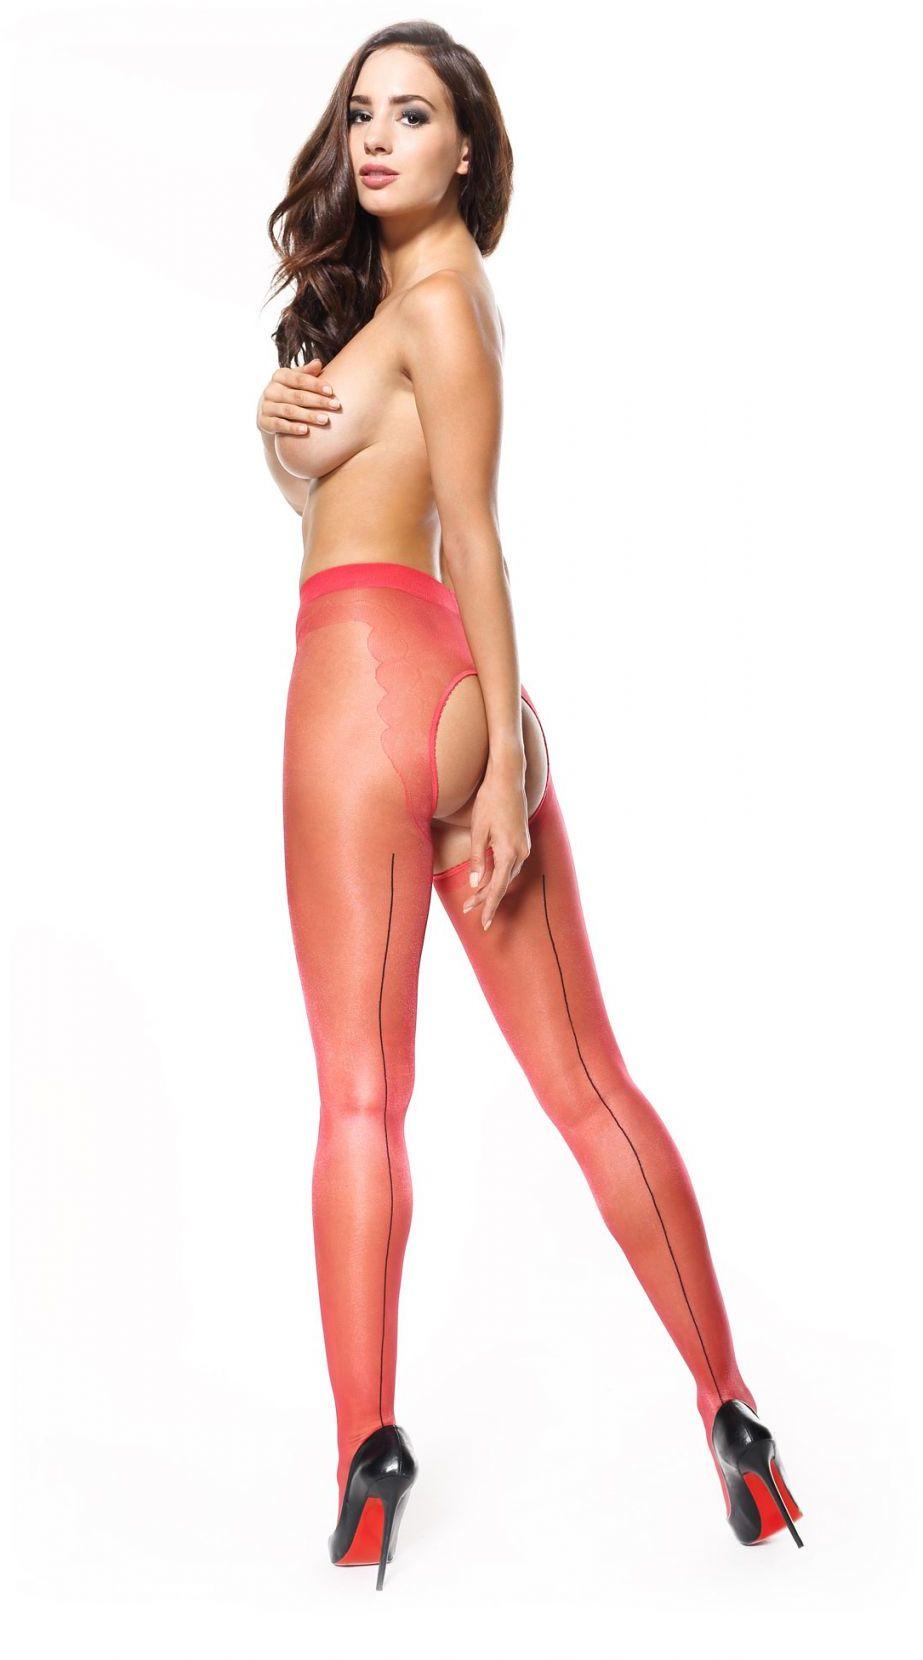 1 P211 rajstopy czerwony błyszczące ze szwem otwarty krok